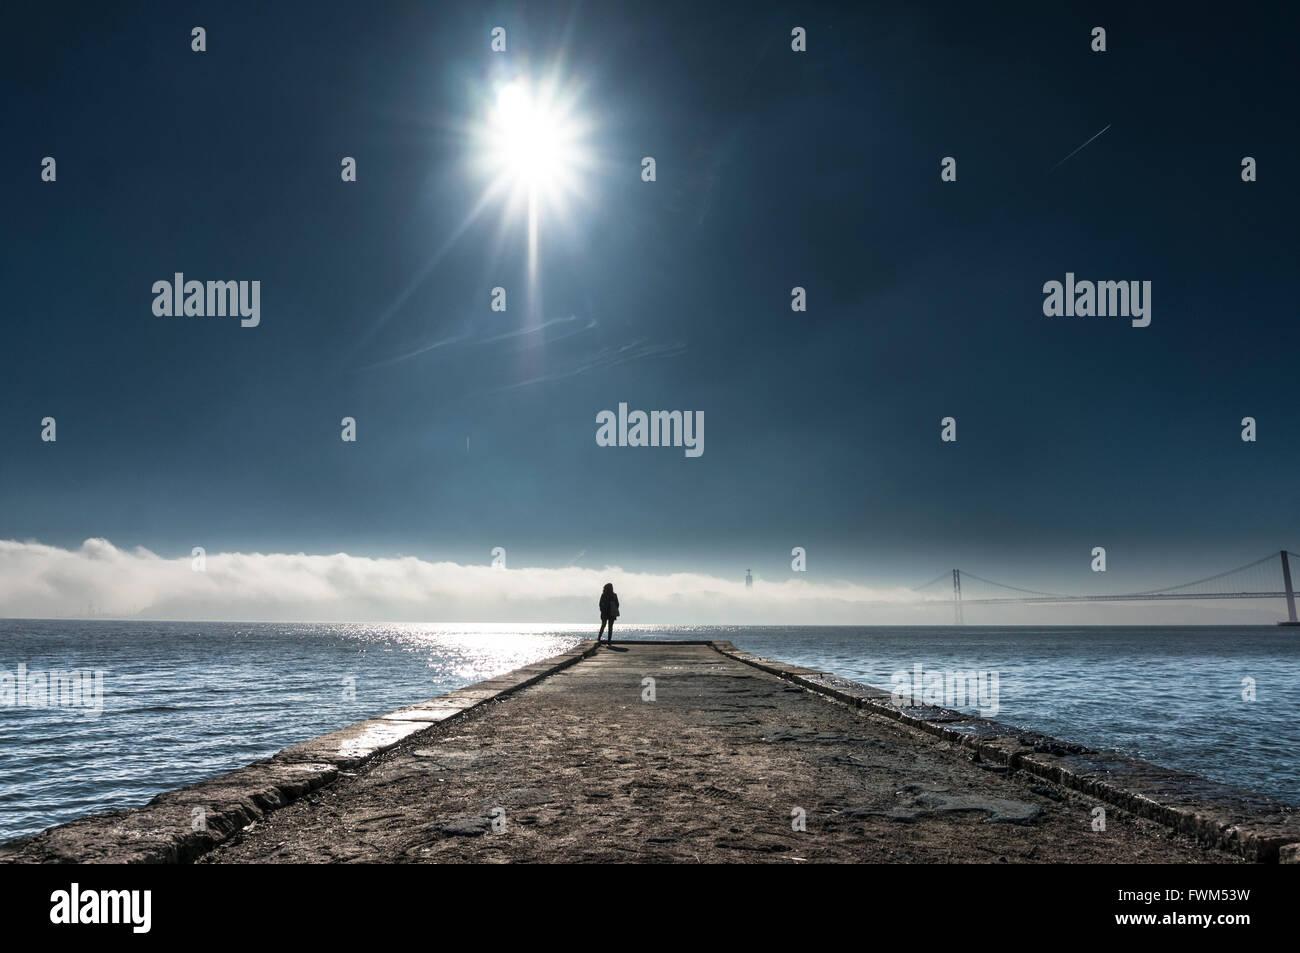 Entfernung Blick auf Pier über Meer gegen Himmel stehende Person Stockbild